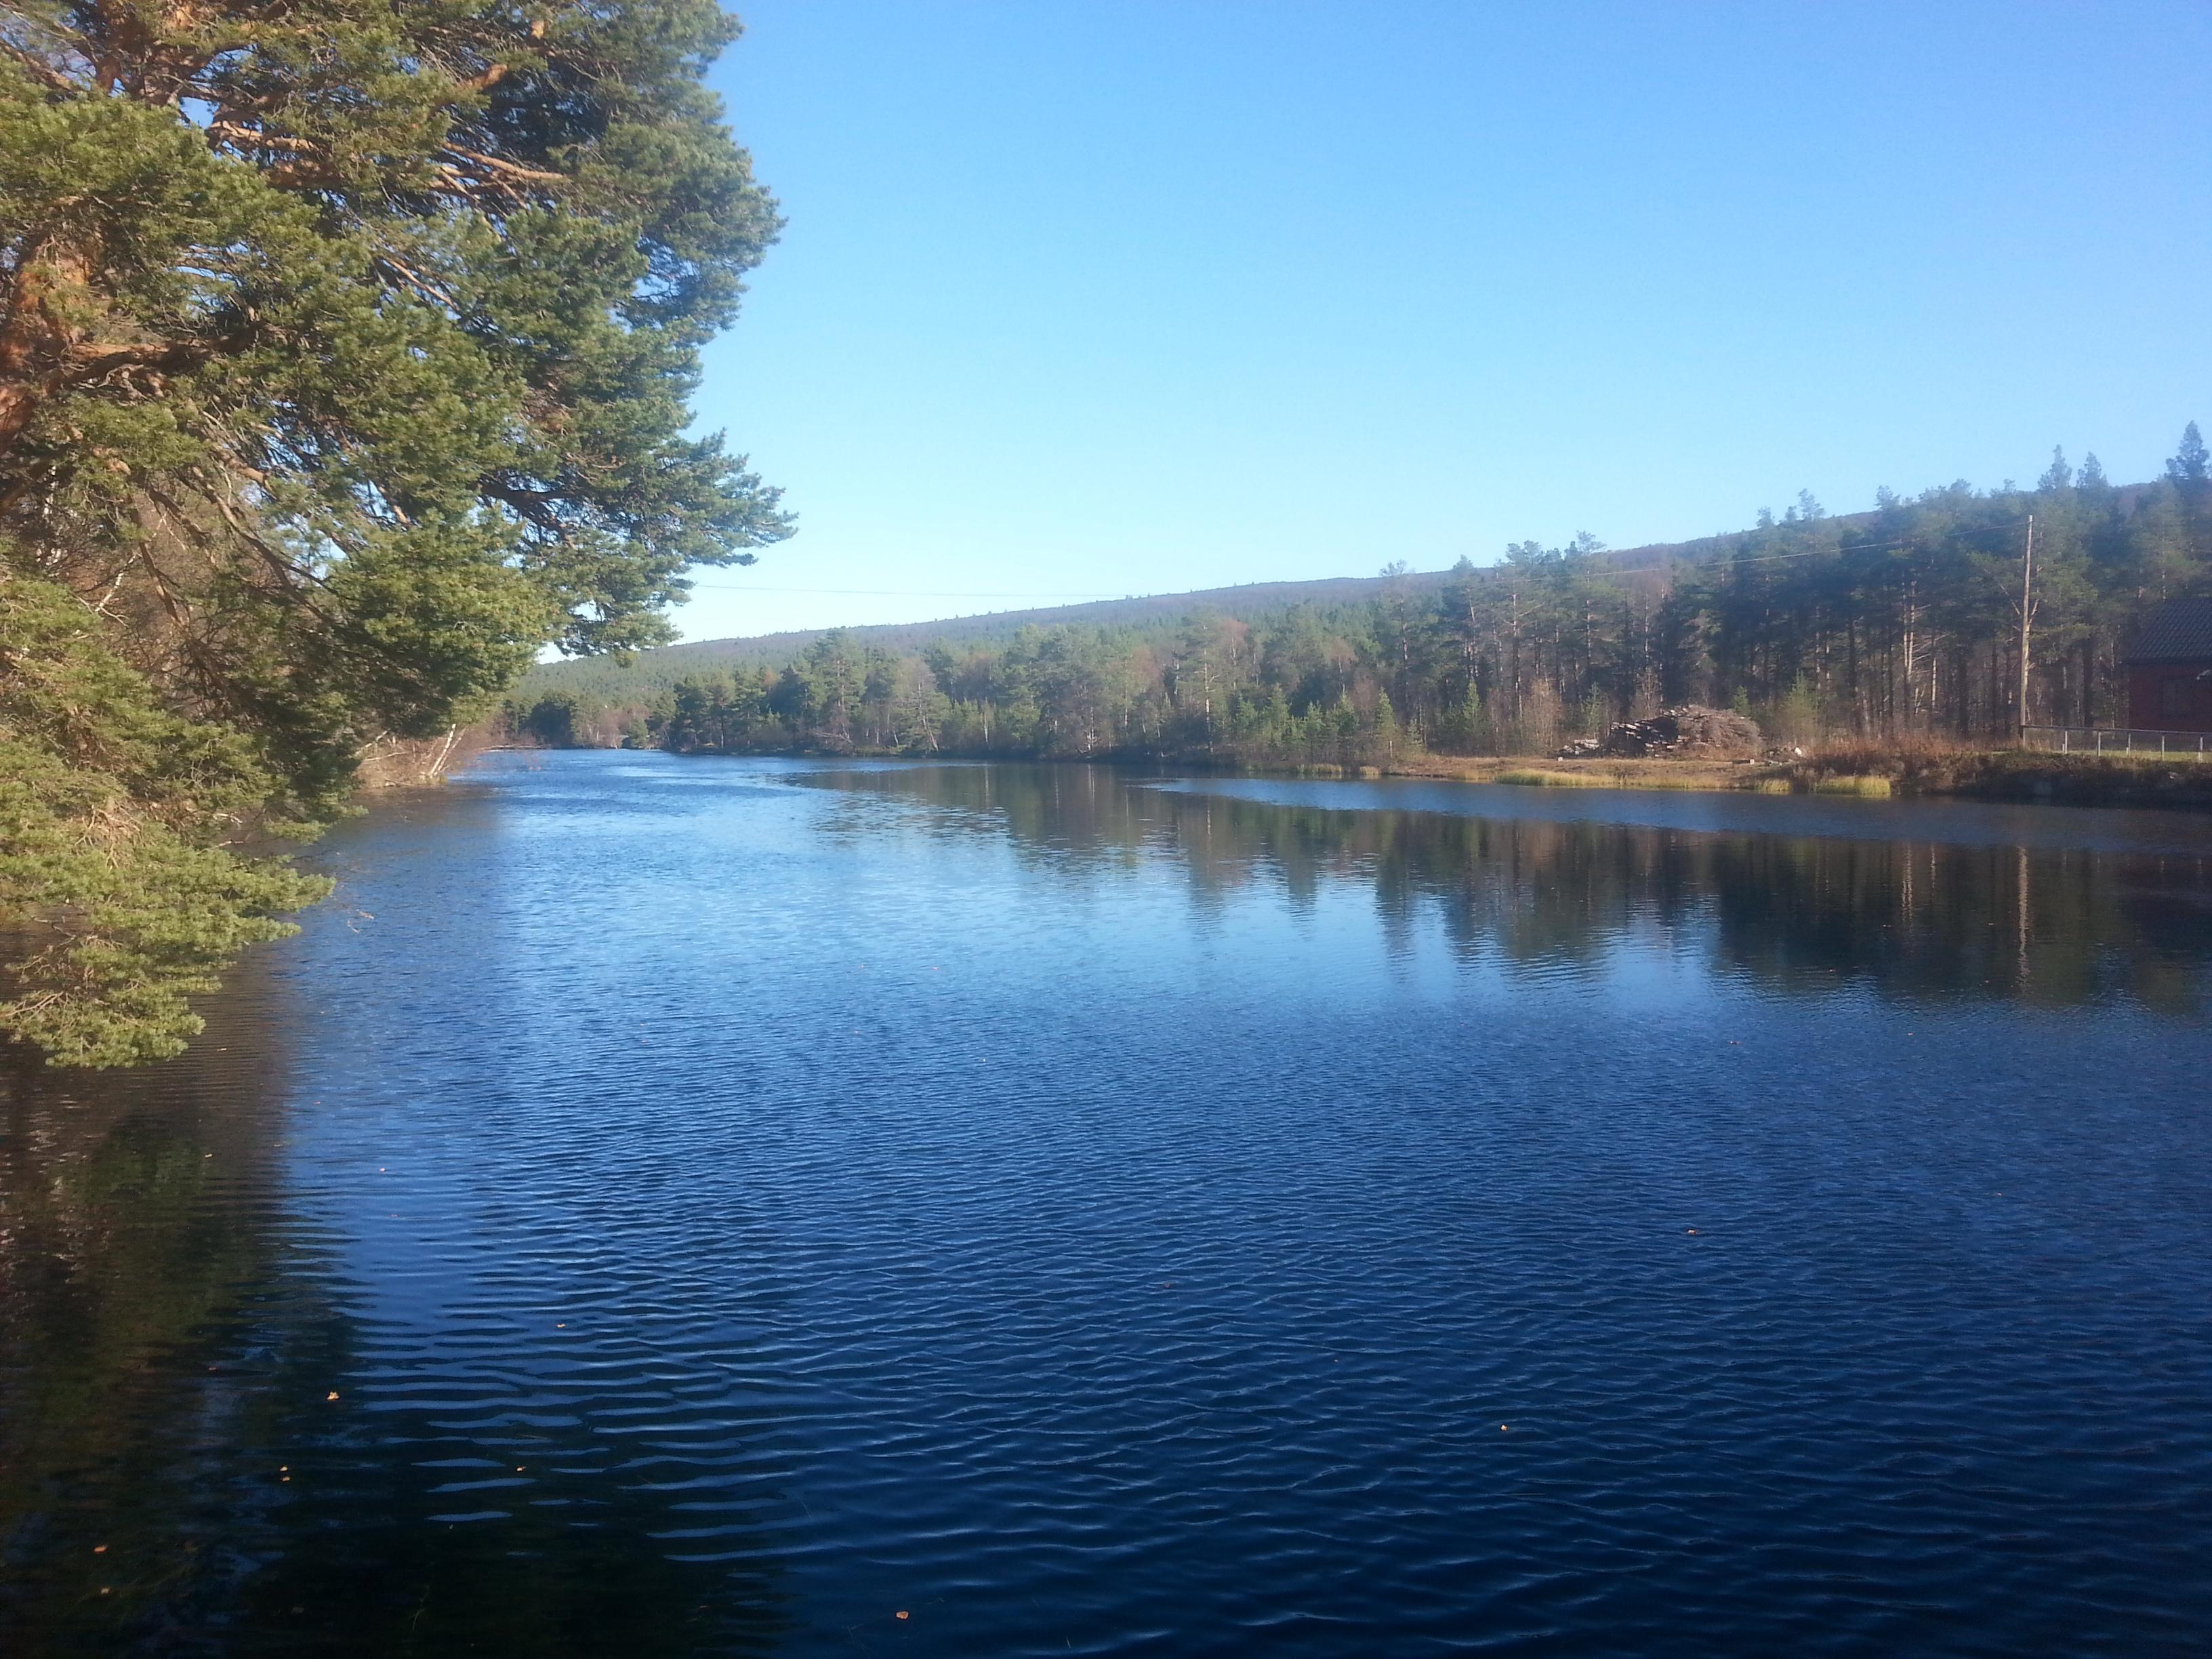 Et stille og fredelig vann på denne dagen